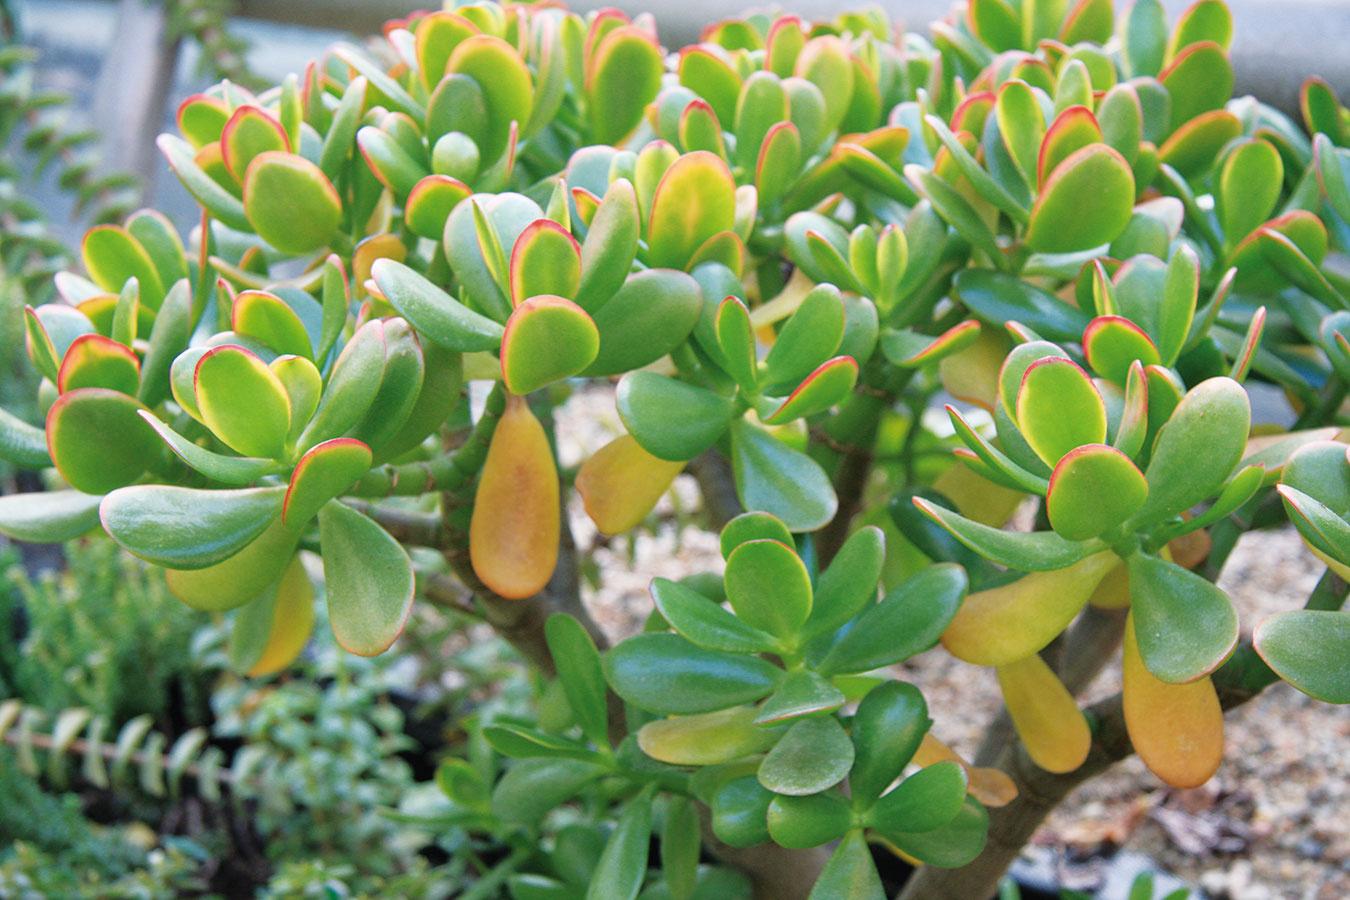 Tučnolist (Crassula portulacea) nevyžaduje špeciálnu starostlivosť avždy vyzerá perfektne. Krásne sú mladé, no najmä staršie (aspoň desaťročné) jedince. Táto dlhoveká rastlina je ideálna aj pre začiatočníkov avhodná do všetkých svetlých bytov. Okrem svetla jej treba dopriať skôr sucho, teplo aobčasnú zálievku. Neublíži jej ani blízkosť tepelného zdroja. Tučnolist sa jednoducho rozmnožuje odrezkami adá sa pestovať ako atraktívny krík aj bonsaj. Počas leta možno rastlinu pestovať na balkóne alebo terase, kde zaručene získa ešte atraktívnejší vzhľad. Tučnolist aj kvitne – jeho drobné biele kvety sa na rastlineobjavujú vskutočne veľkom množstve.